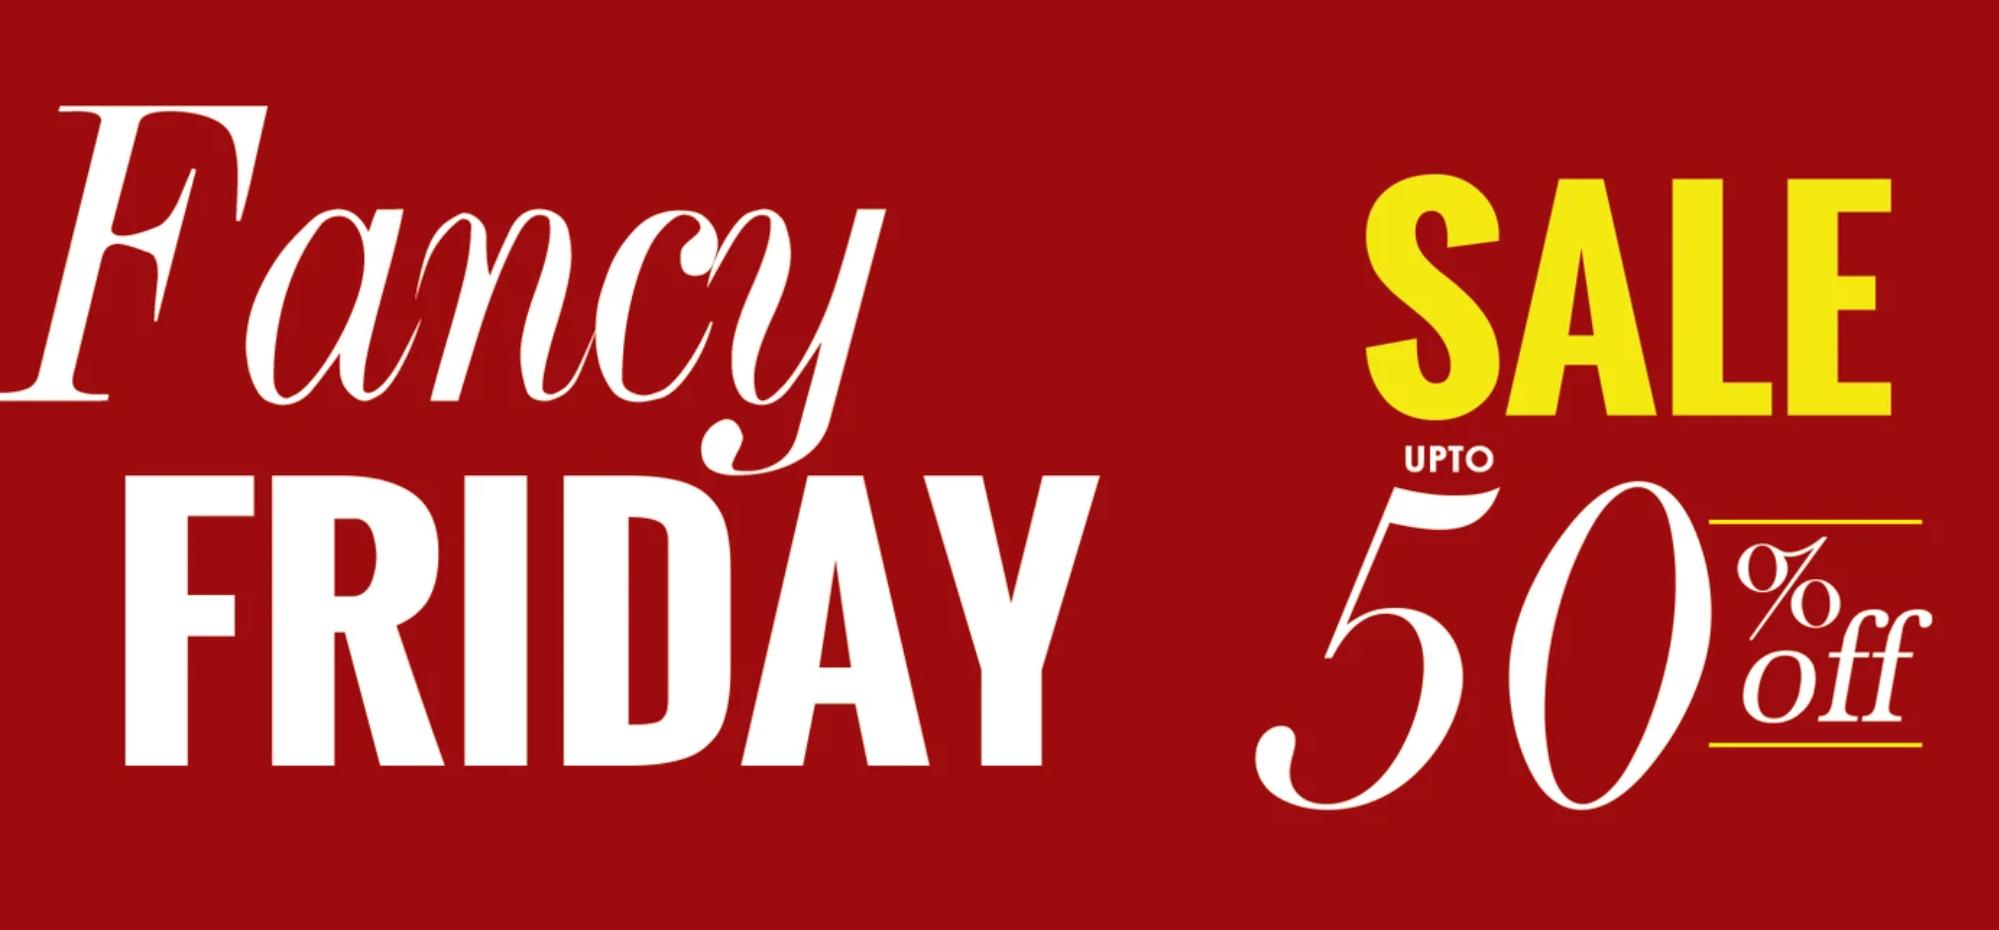 Fancy Friday Sale